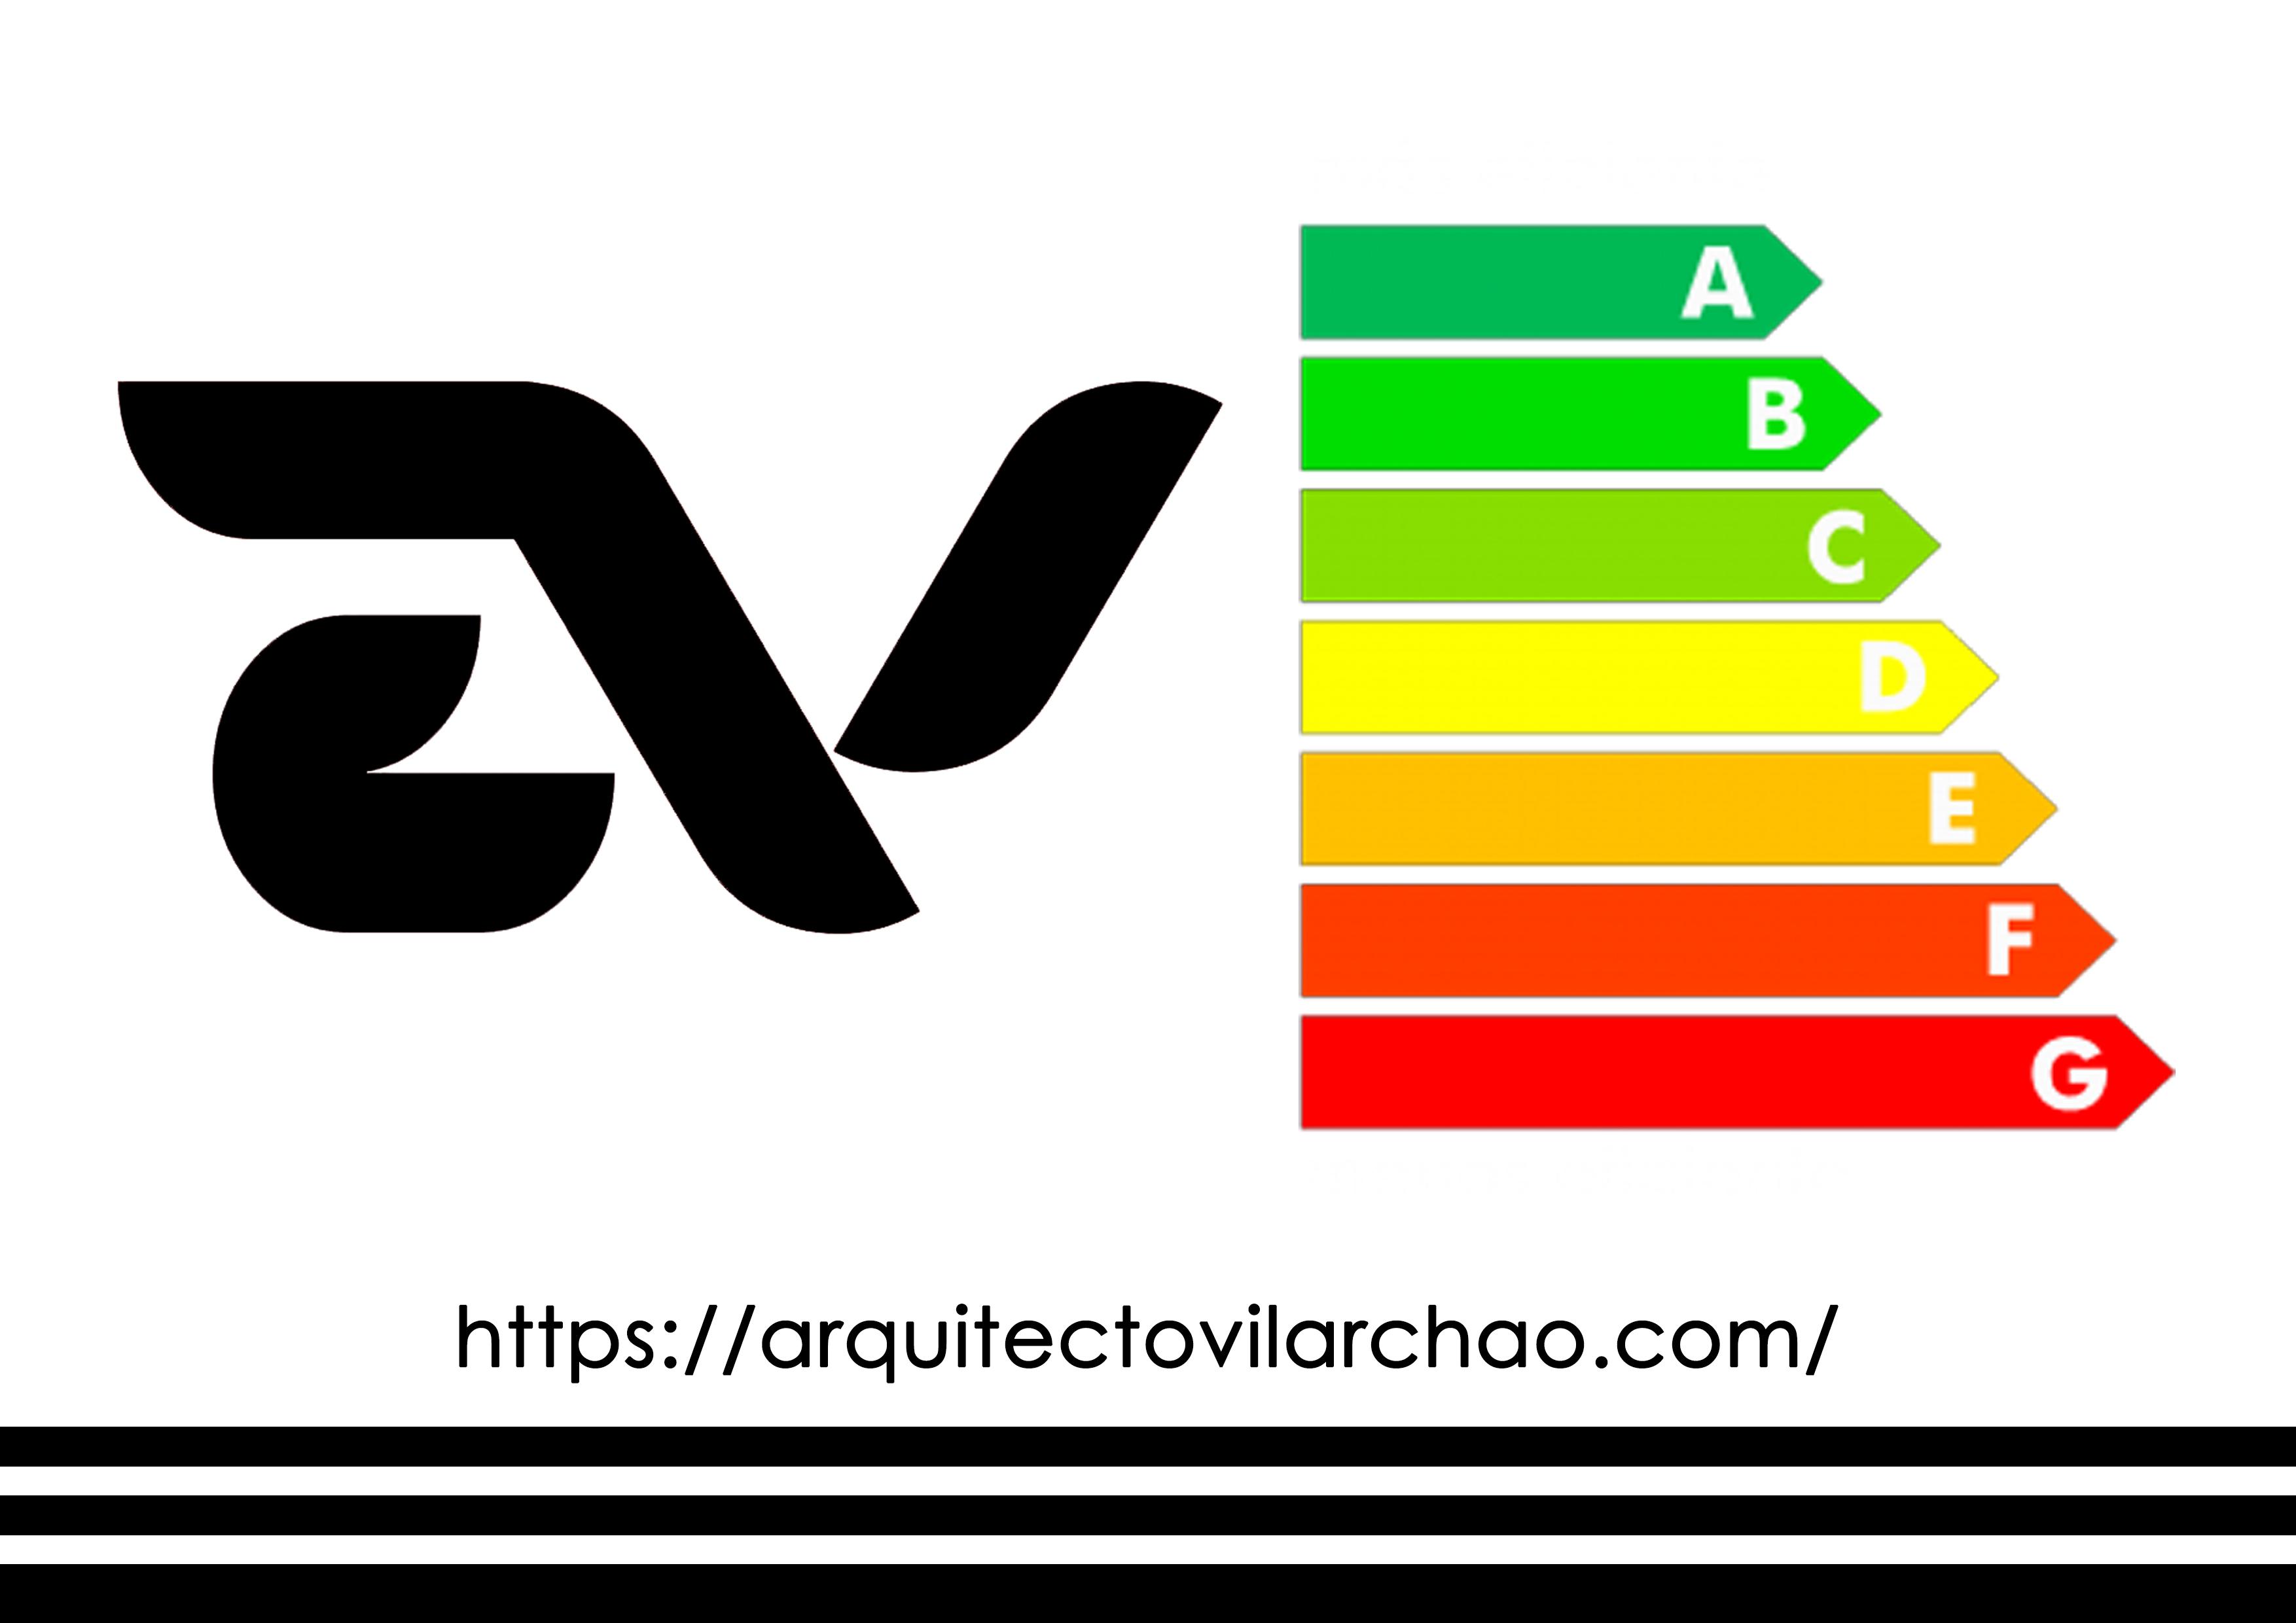 Arquitecto Vilarchao posee una experiencia con más de 1000 certificados energéticos realizados.